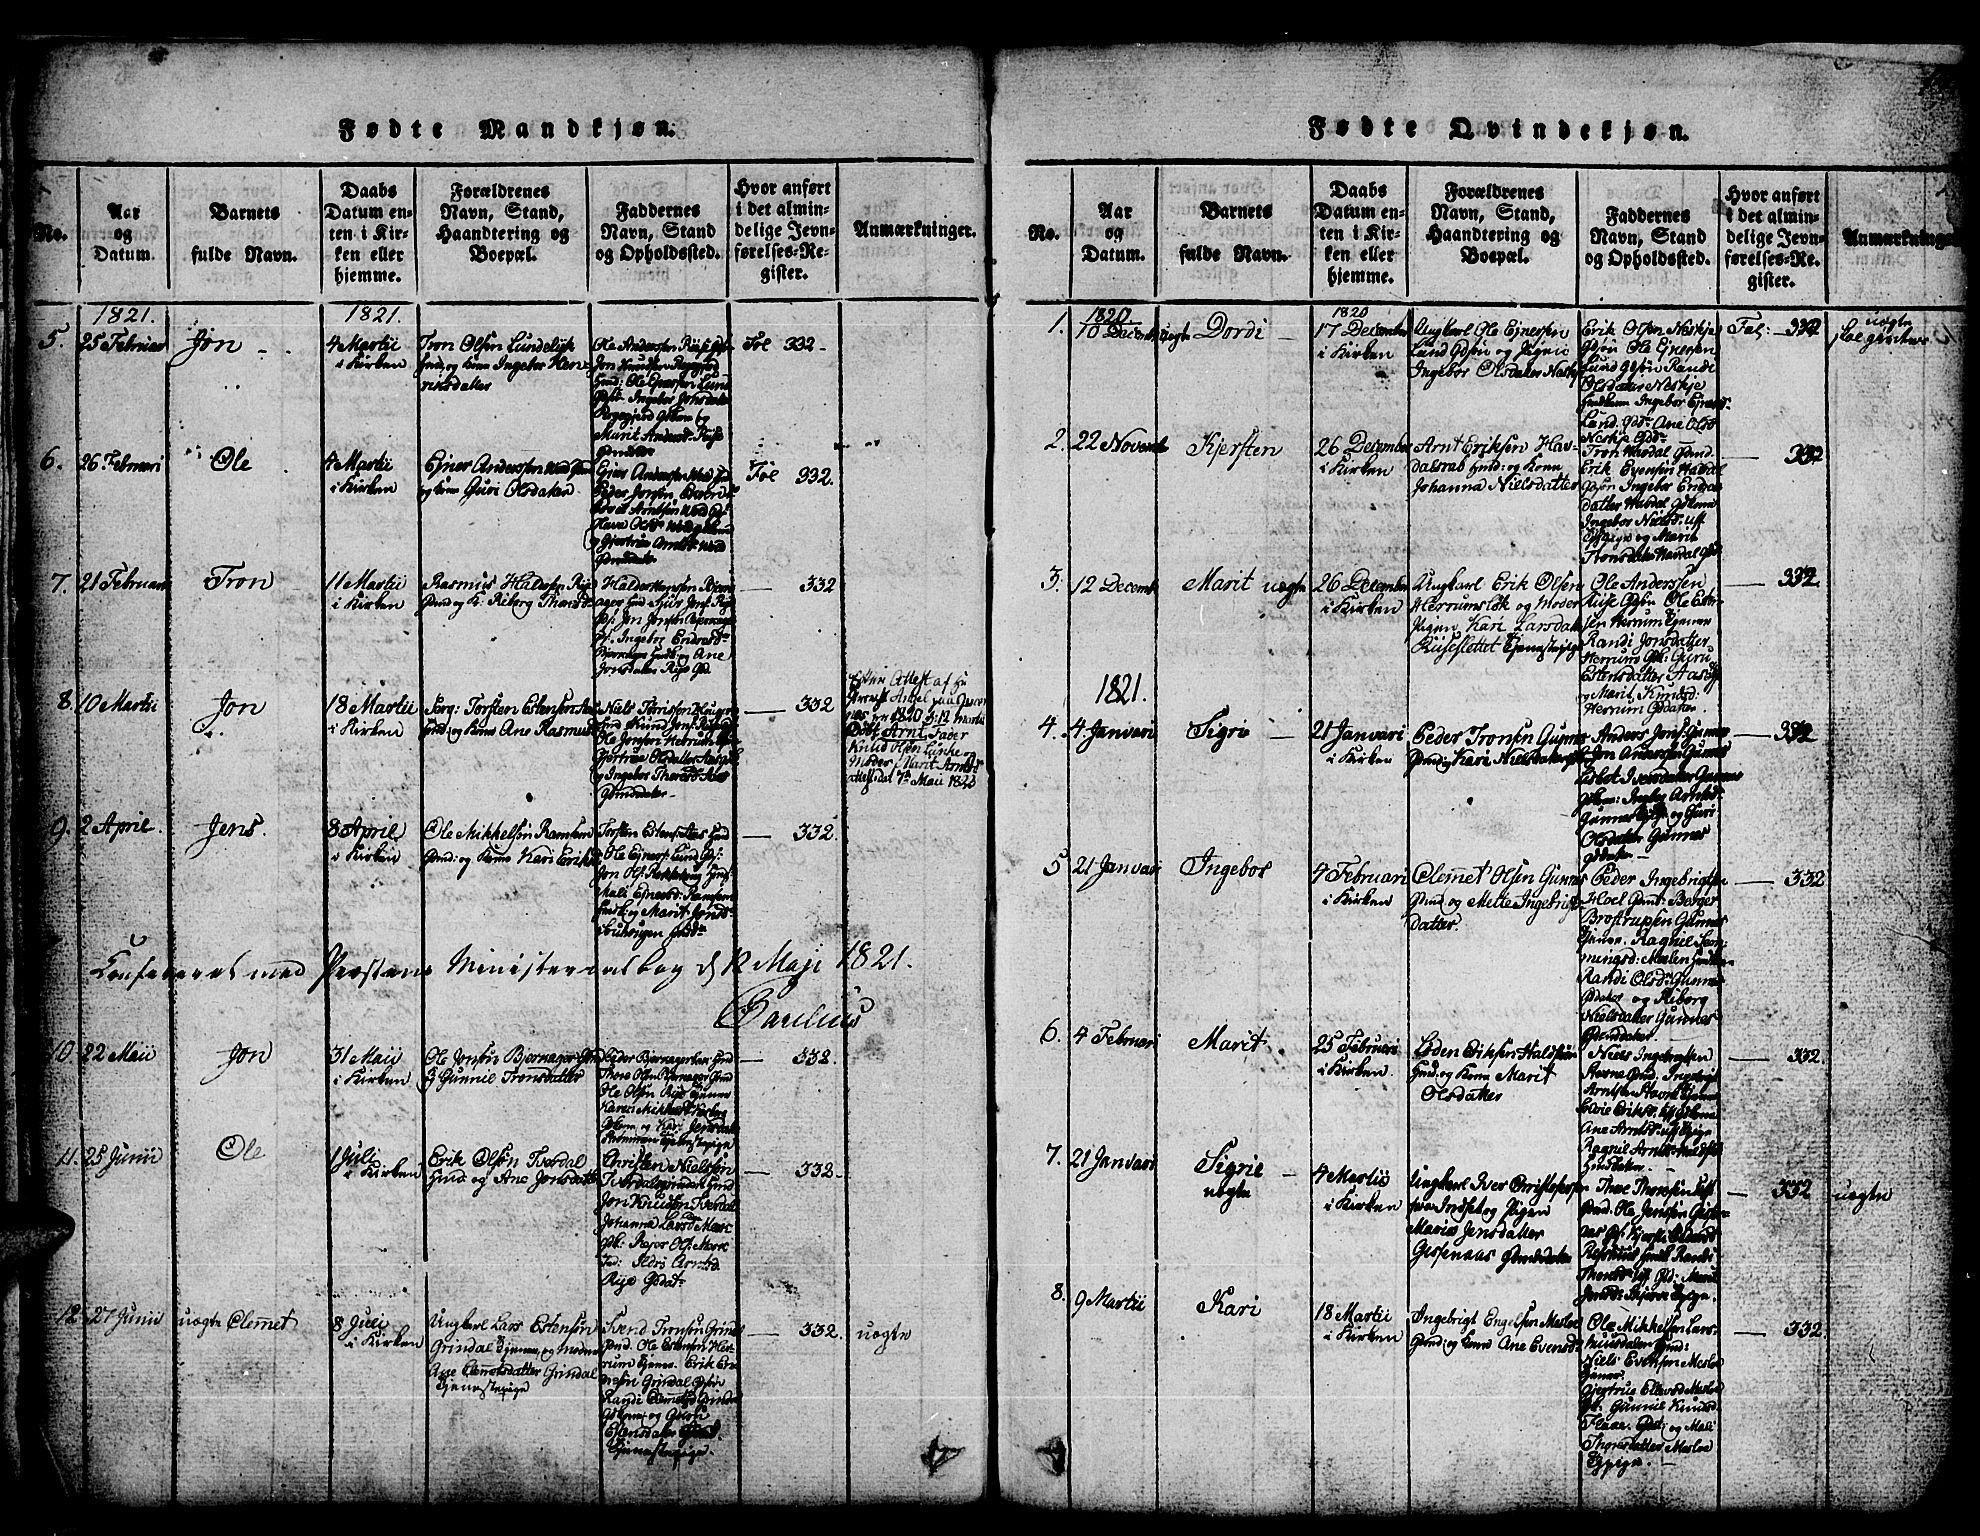 SAT, Ministerialprotokoller, klokkerbøker og fødselsregistre - Sør-Trøndelag, 674/L0874: Klokkerbok nr. 674C01, 1816-1860, s. 14